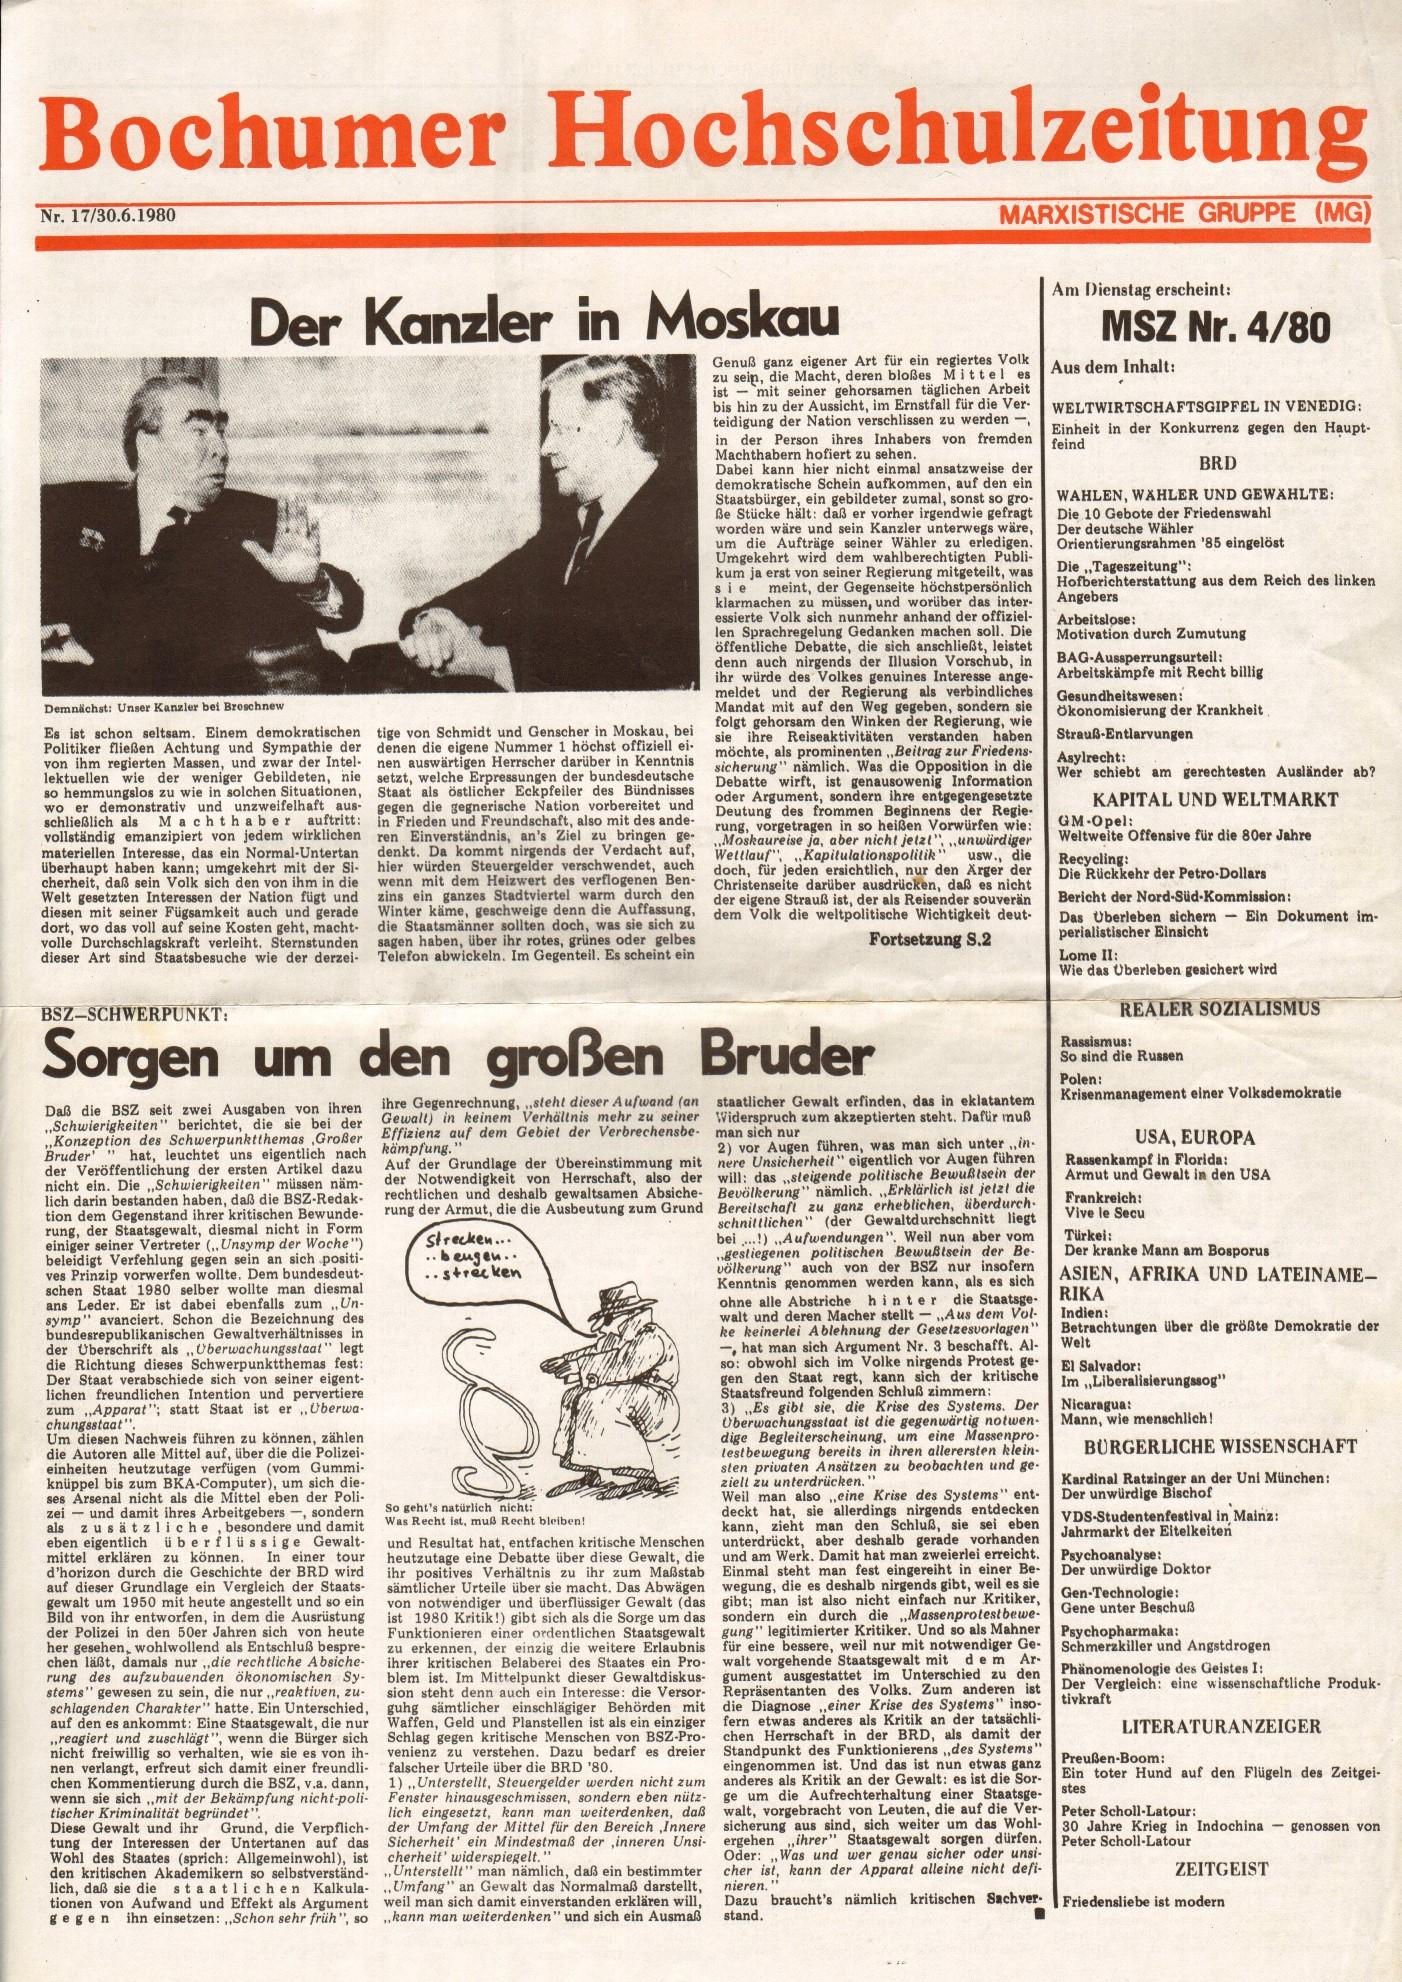 MG_Bochumer_Hochschulzeitung_19800630_01